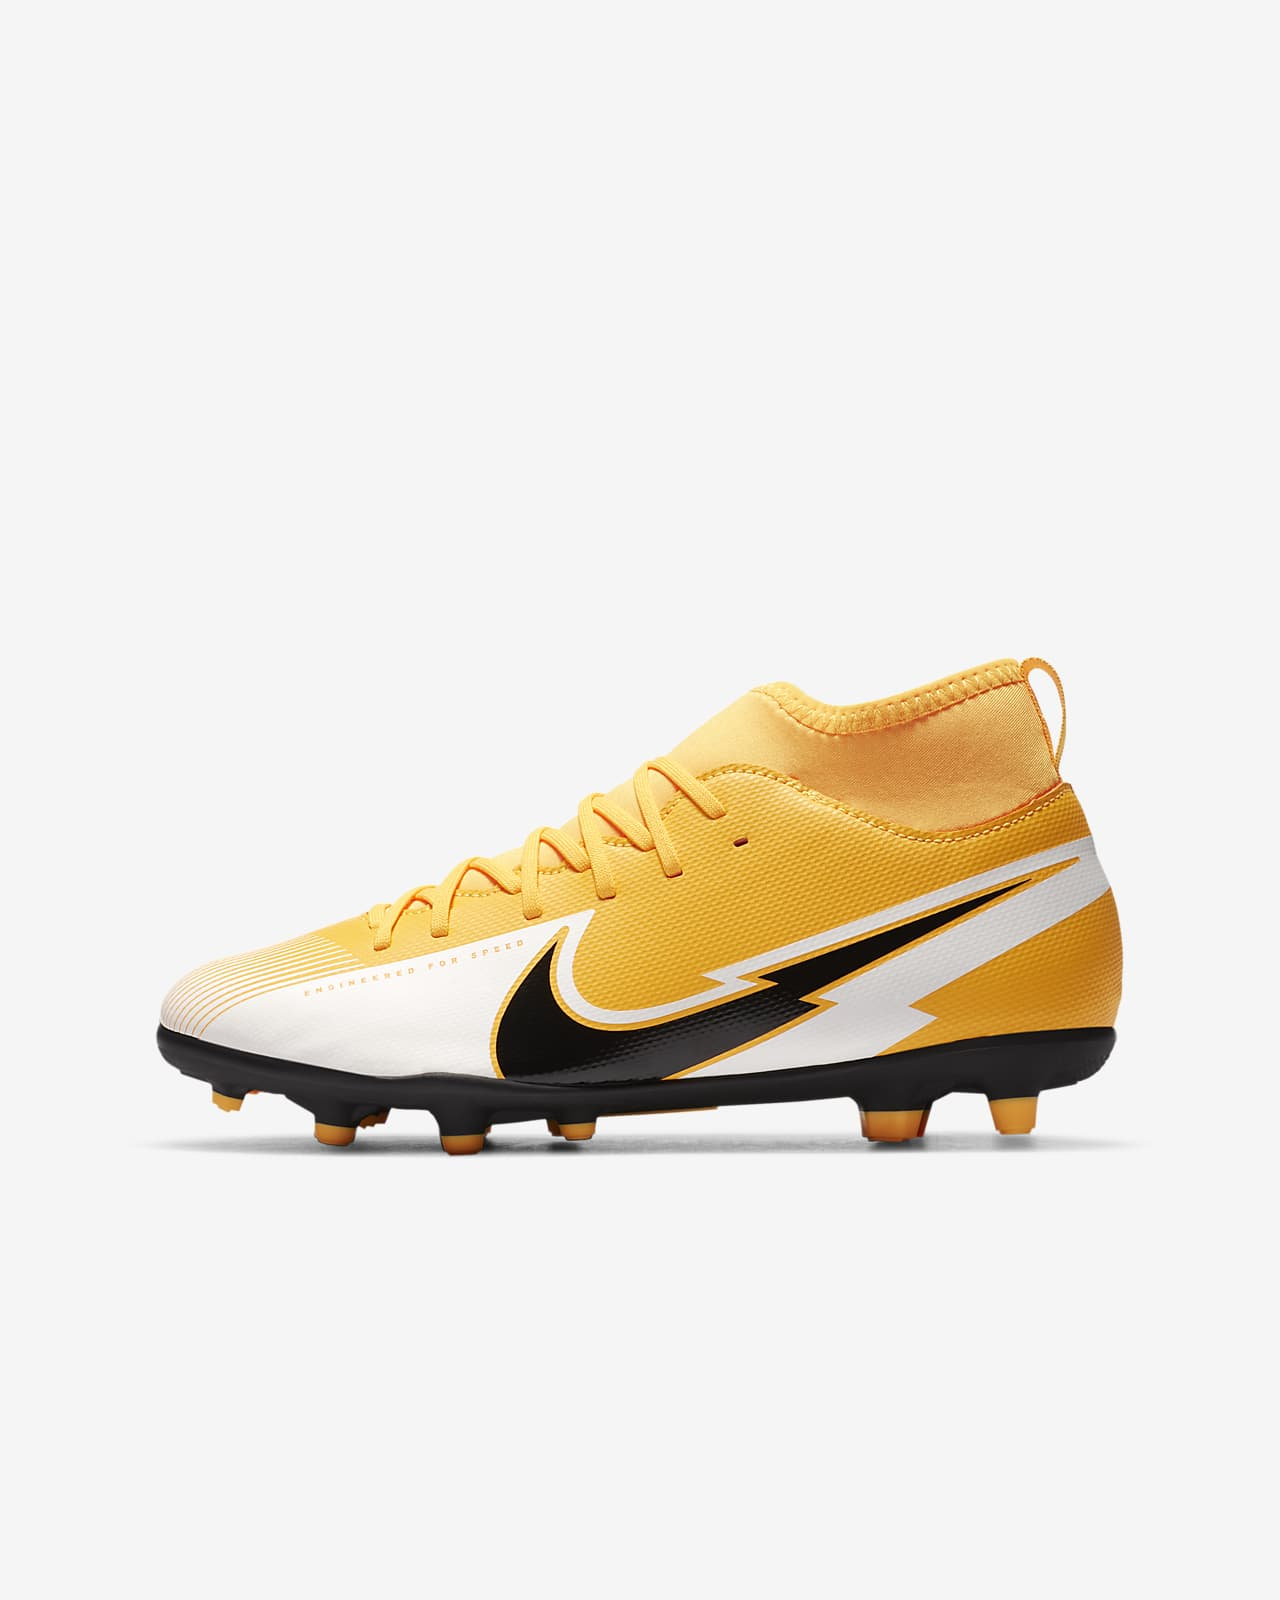 Marcado Fangoso maldición  Nike Jr. Mercurial Superfly 7 Club MG Botas de fútbol multisuperficie - Niño/a  y niño/a pequeño/a. Nike ES